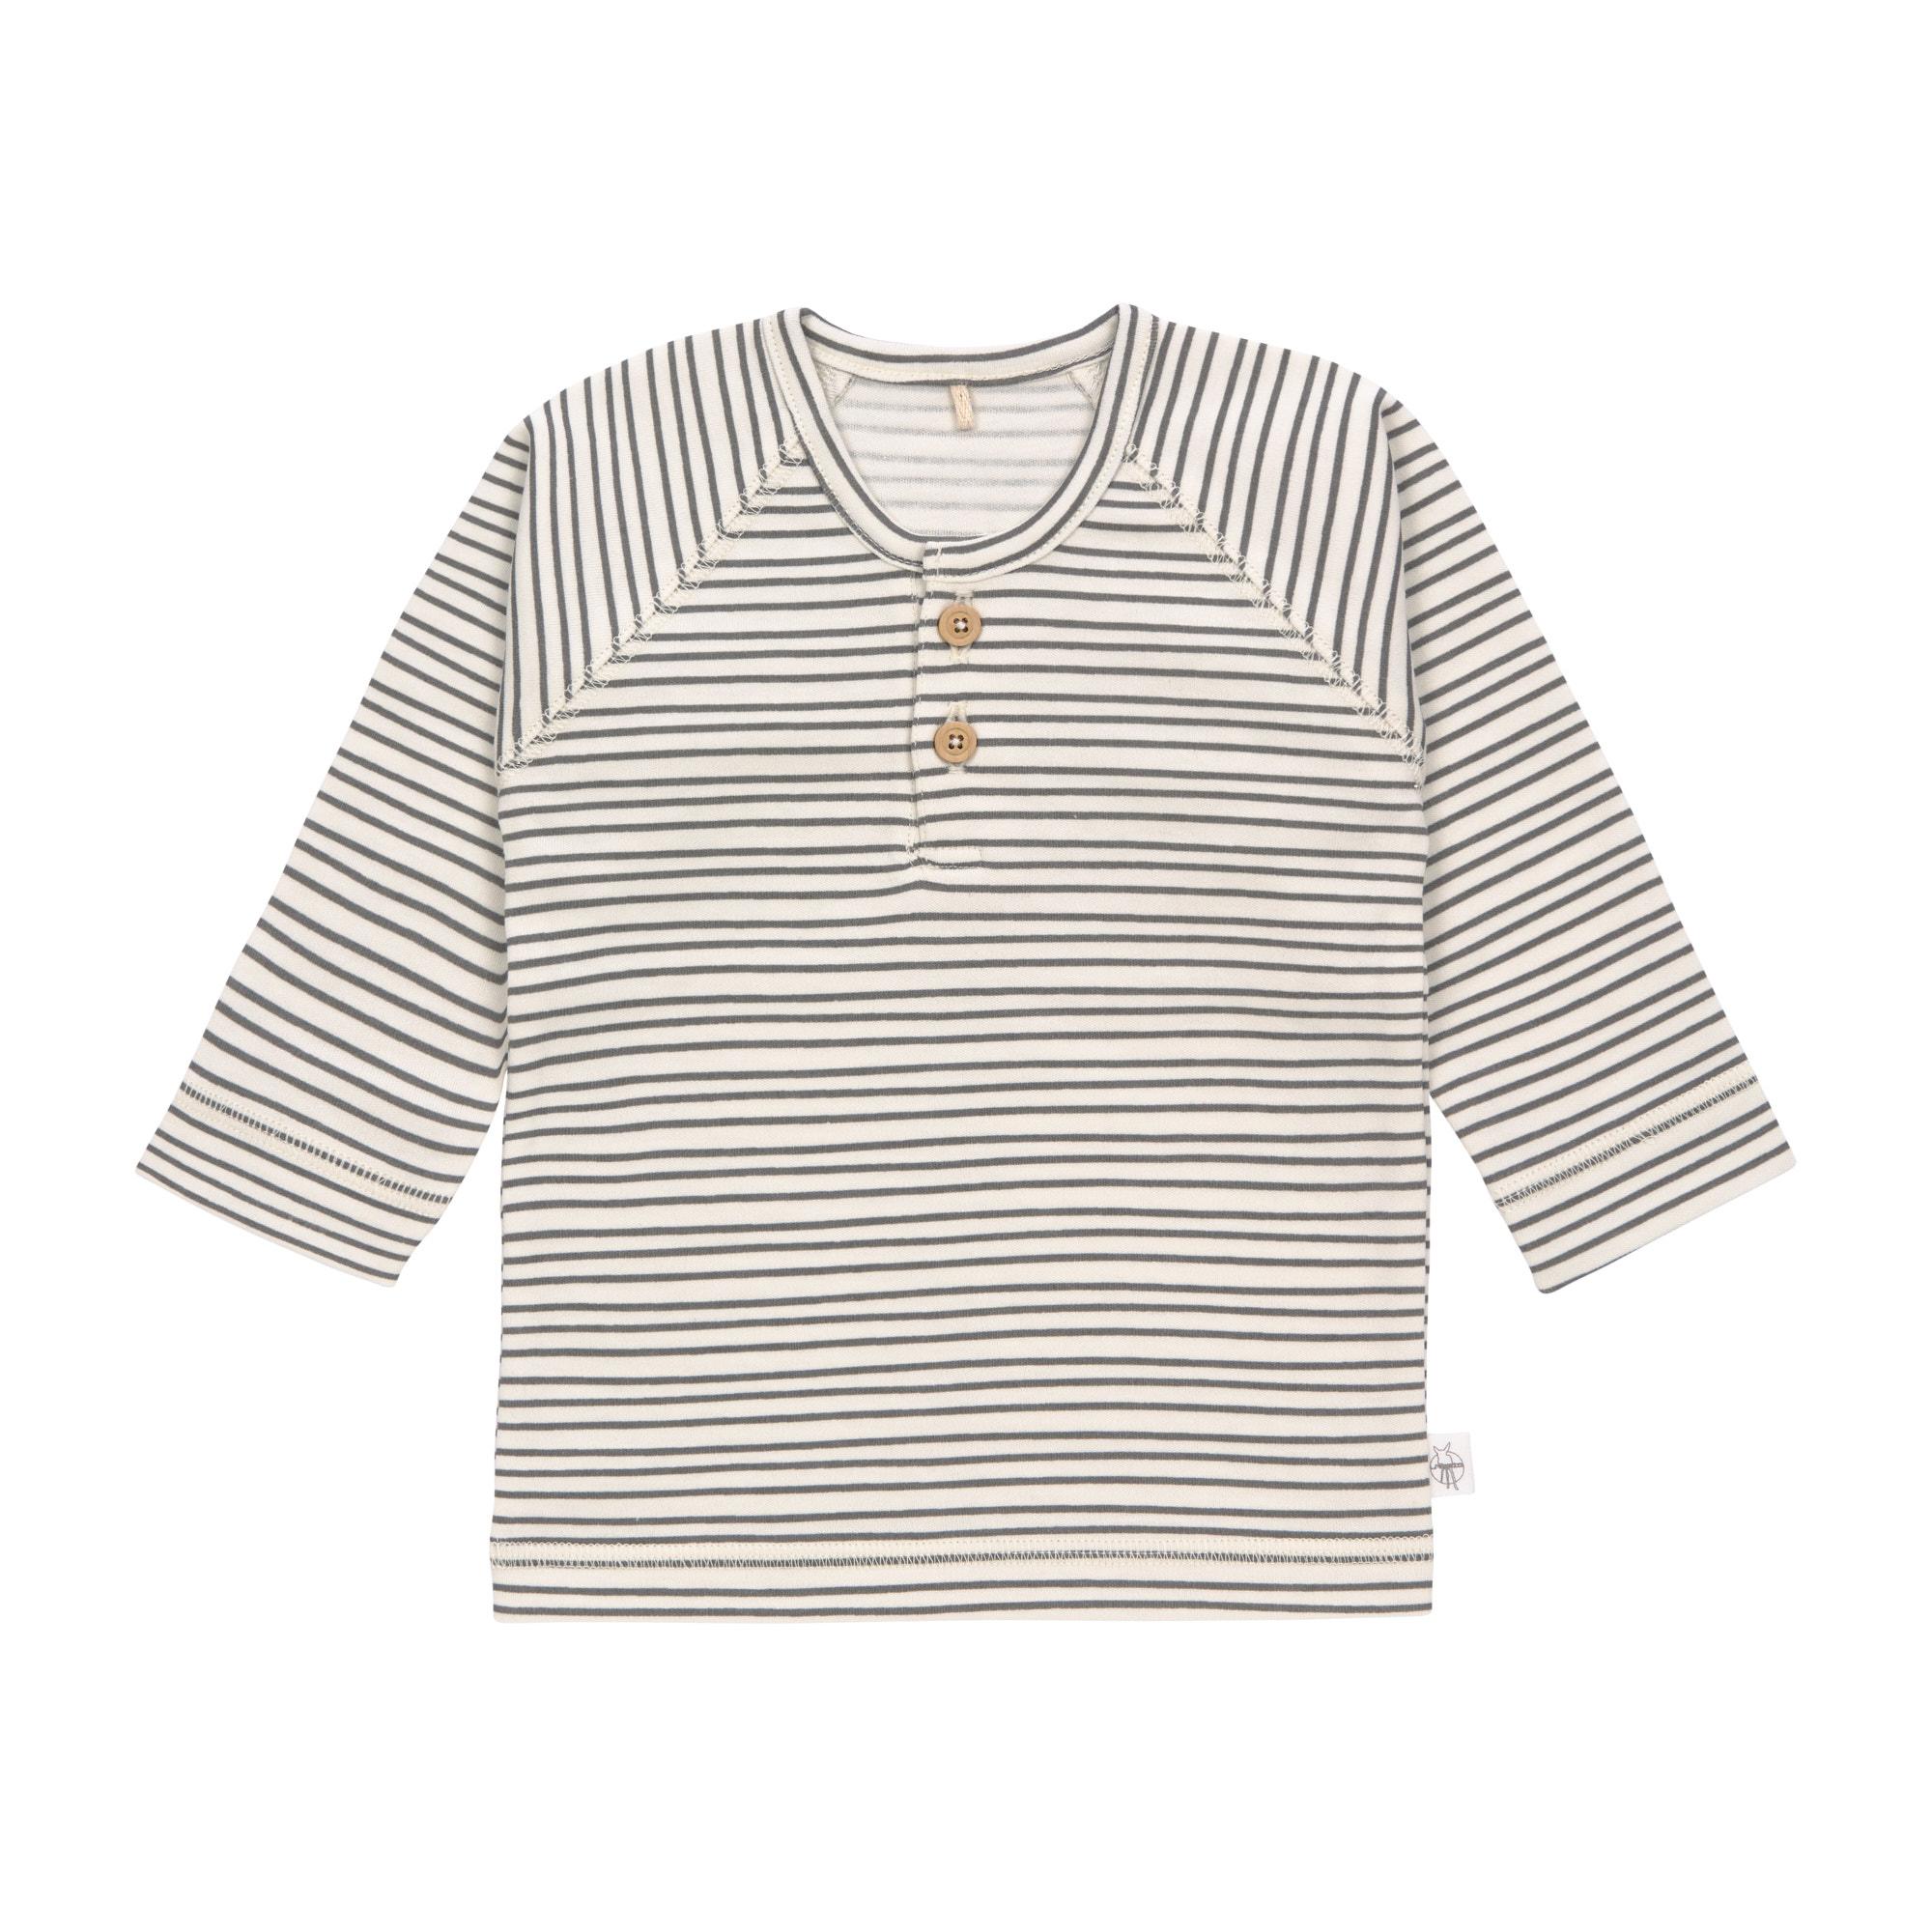 Baby Langarmshirt - Streifen grau/weiss - Lässig